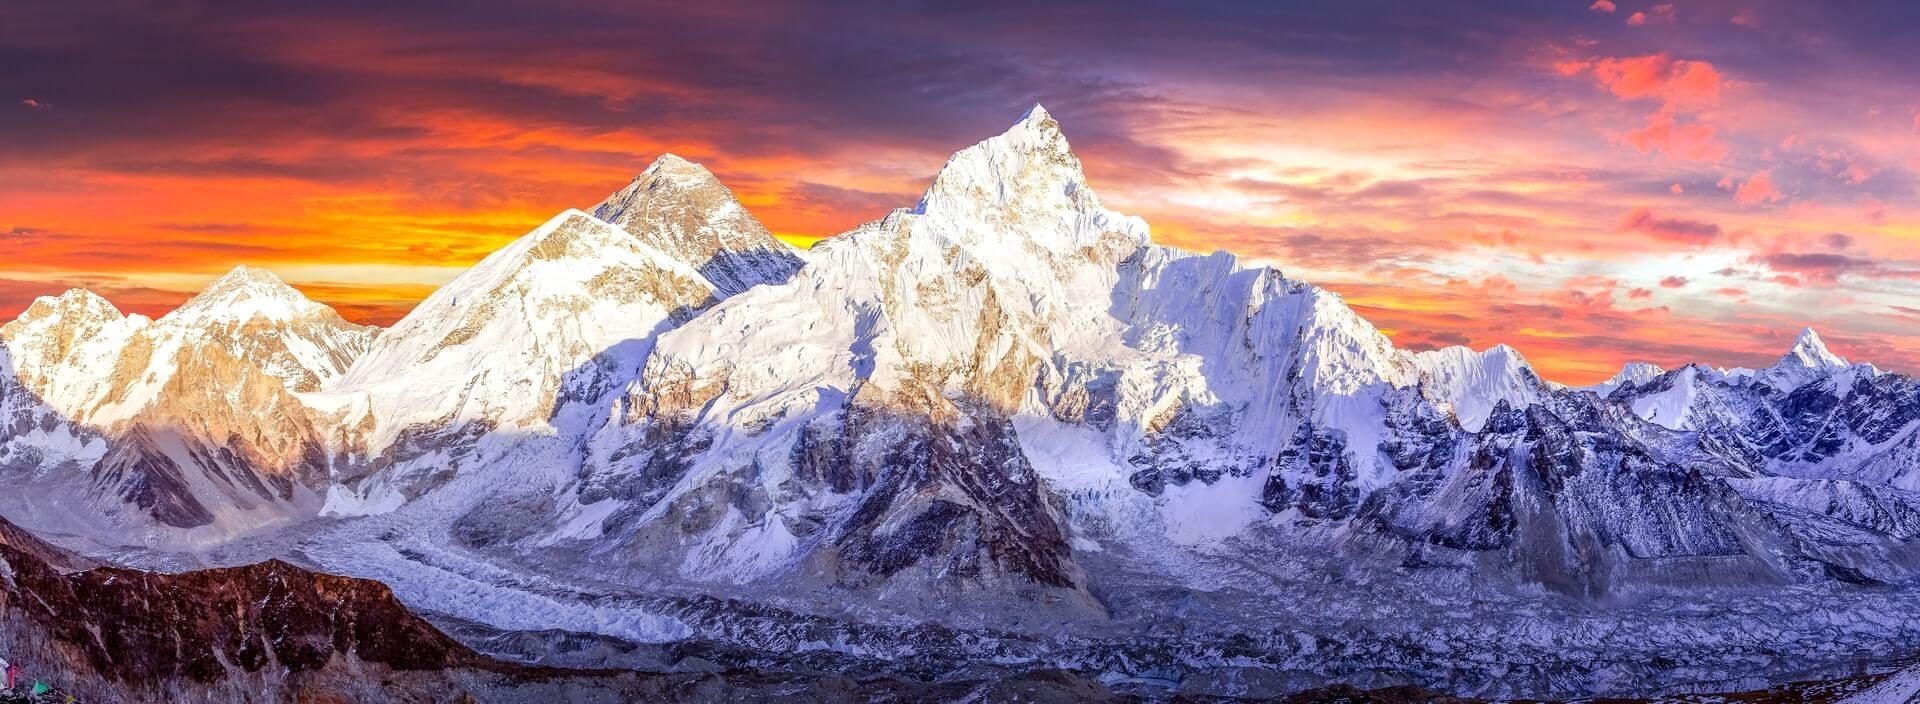 Everest Base Camp Trek Image